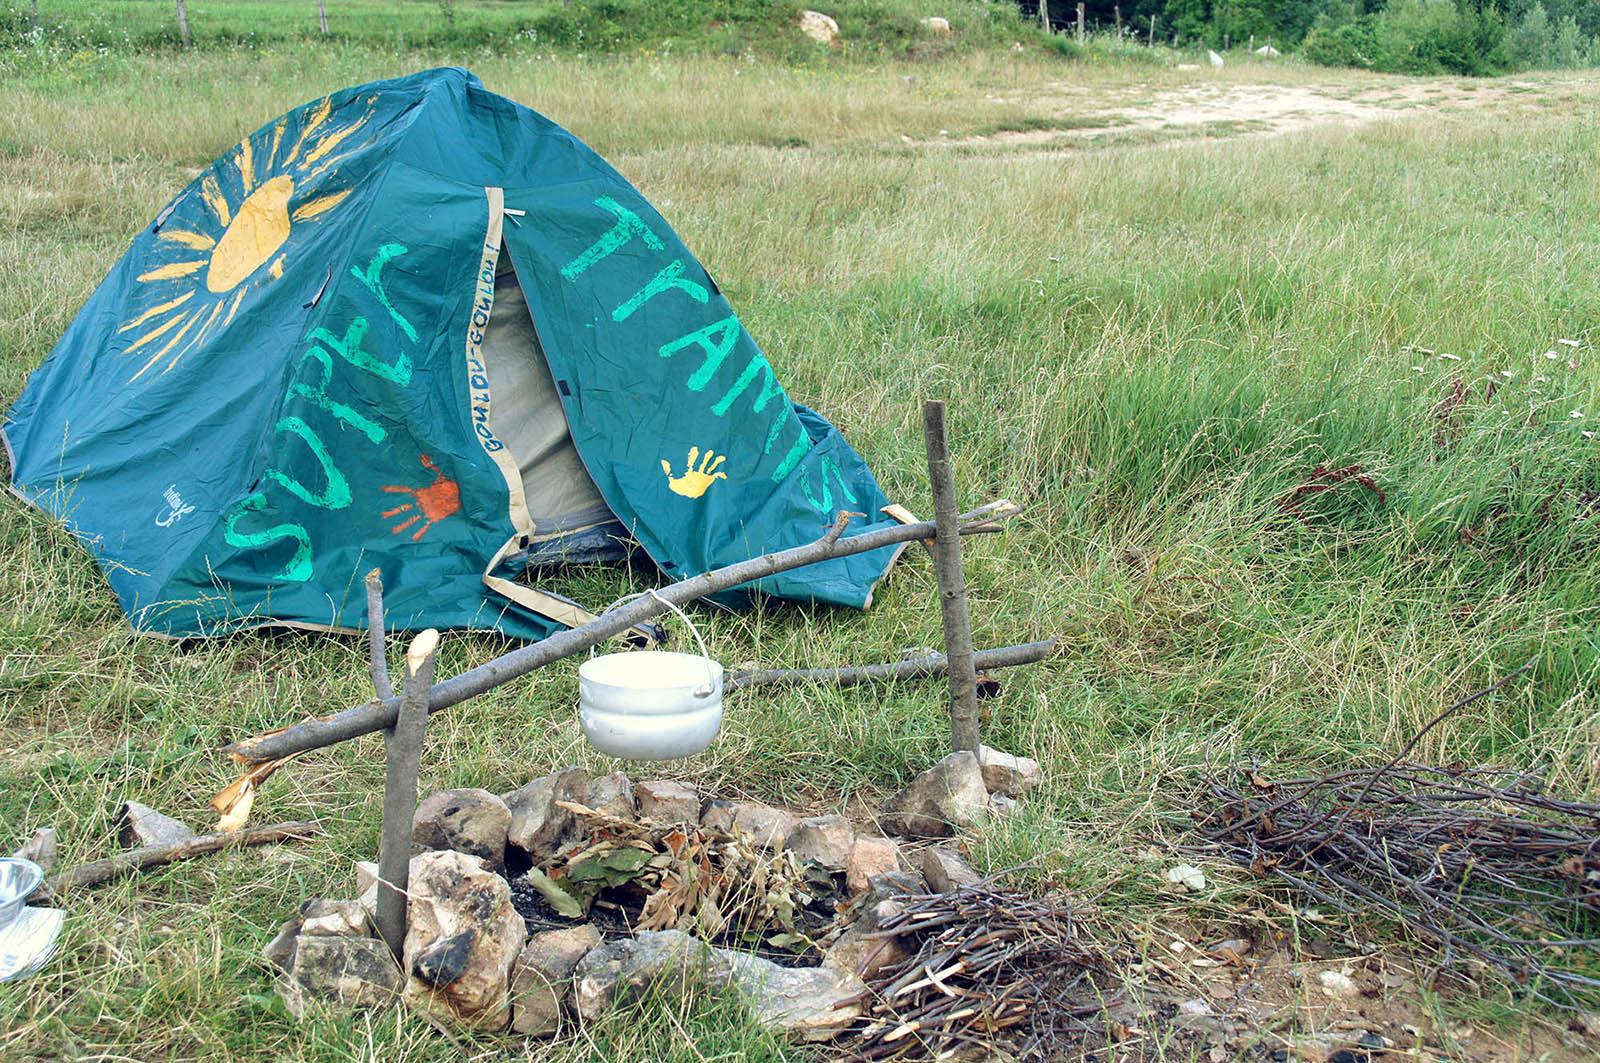 В Боснии я разбила маленький лагерь на берегу озера, которого нет на картах